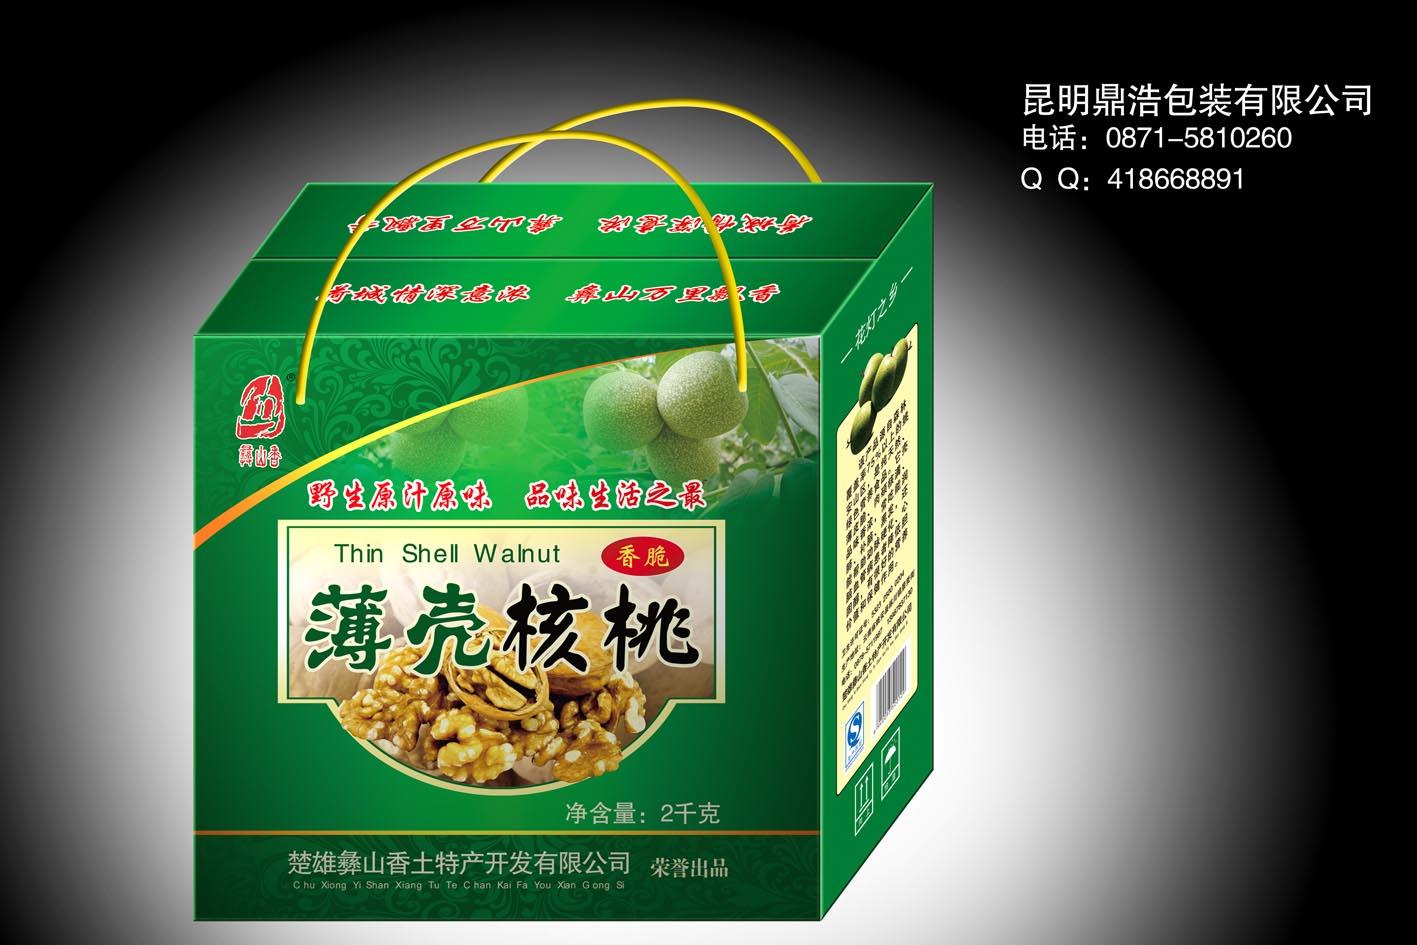 彝山香部分产品图片